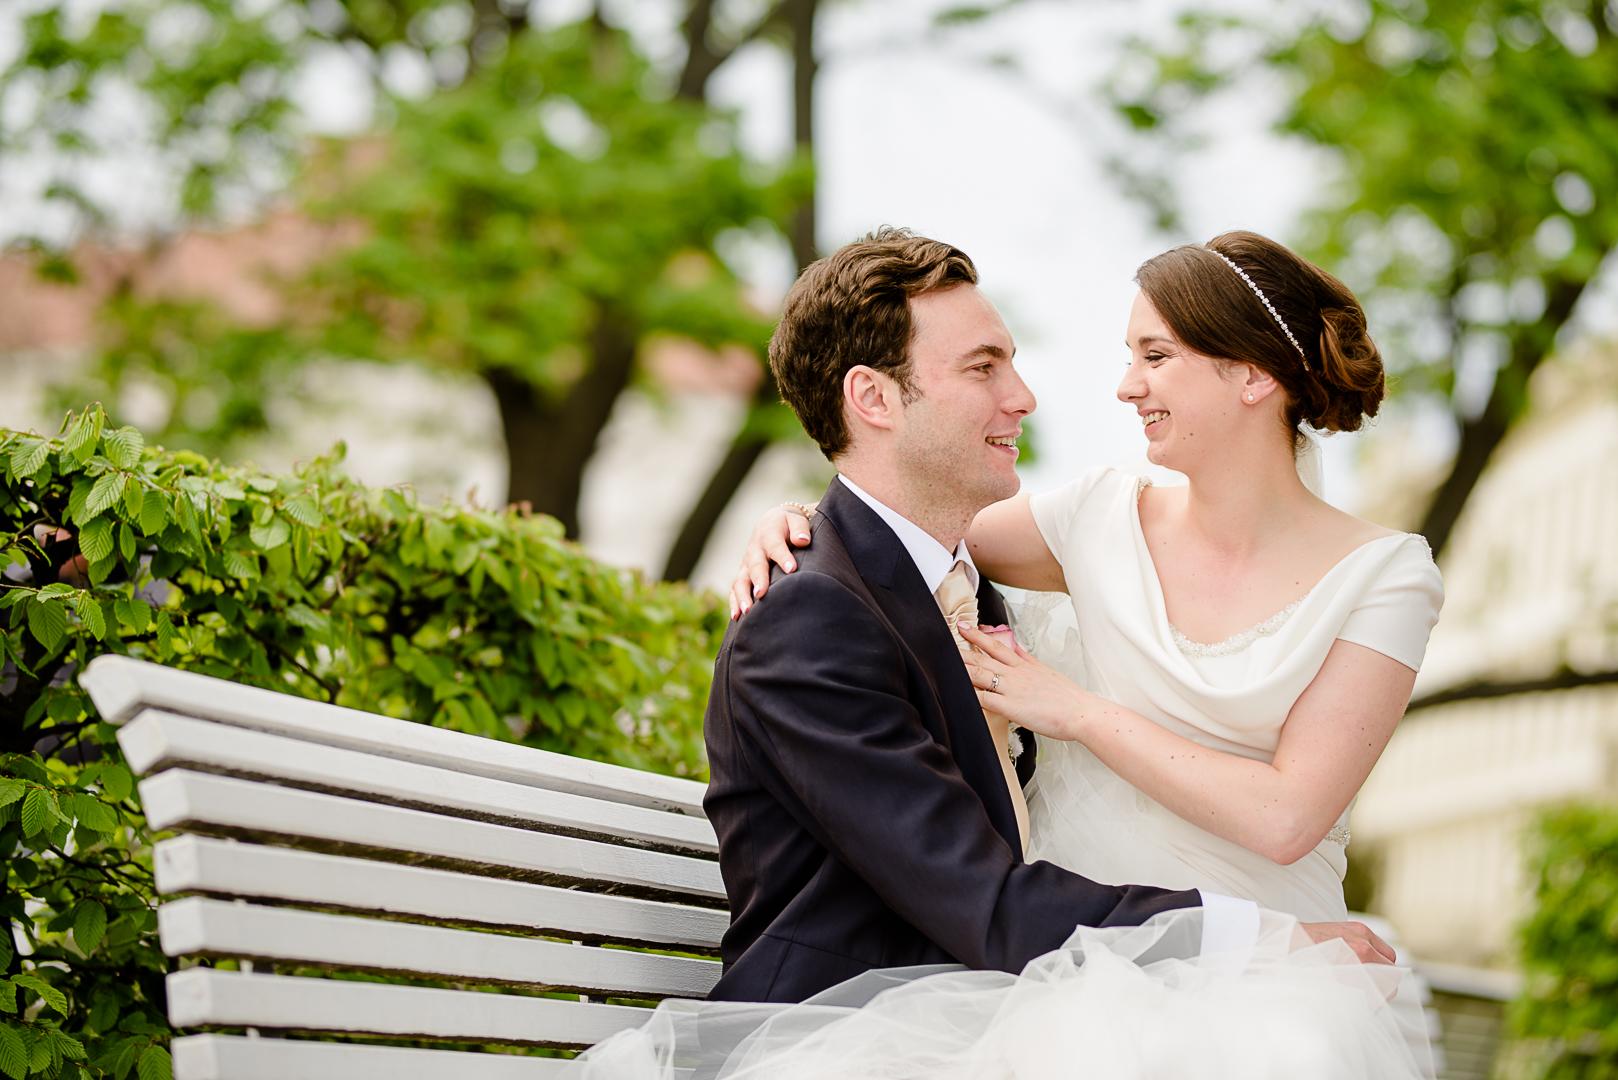 czech wedding photographer Photo Nejedli